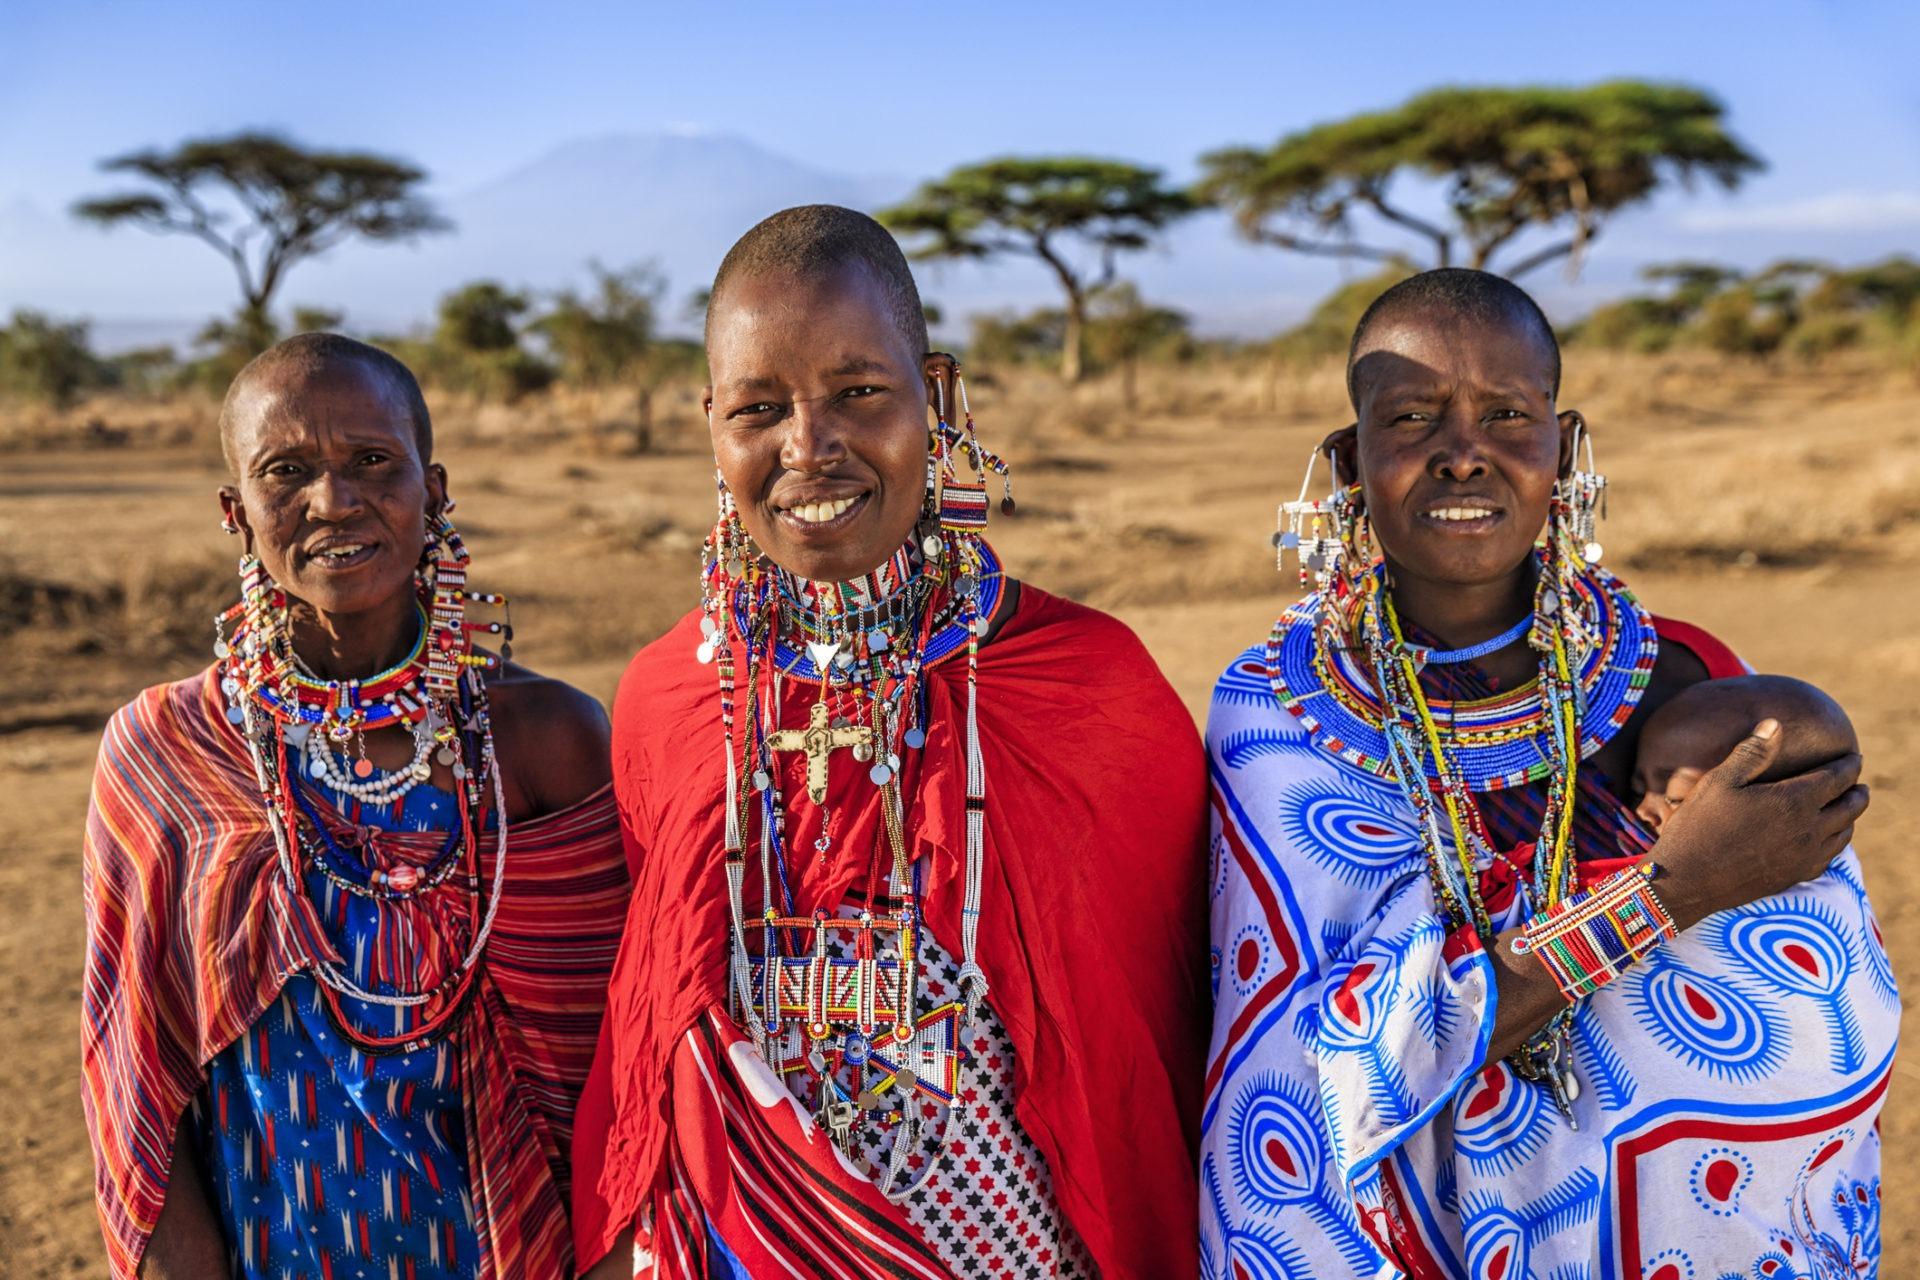 Călătoria în Africa, cea mai puternică experiență din viața mea